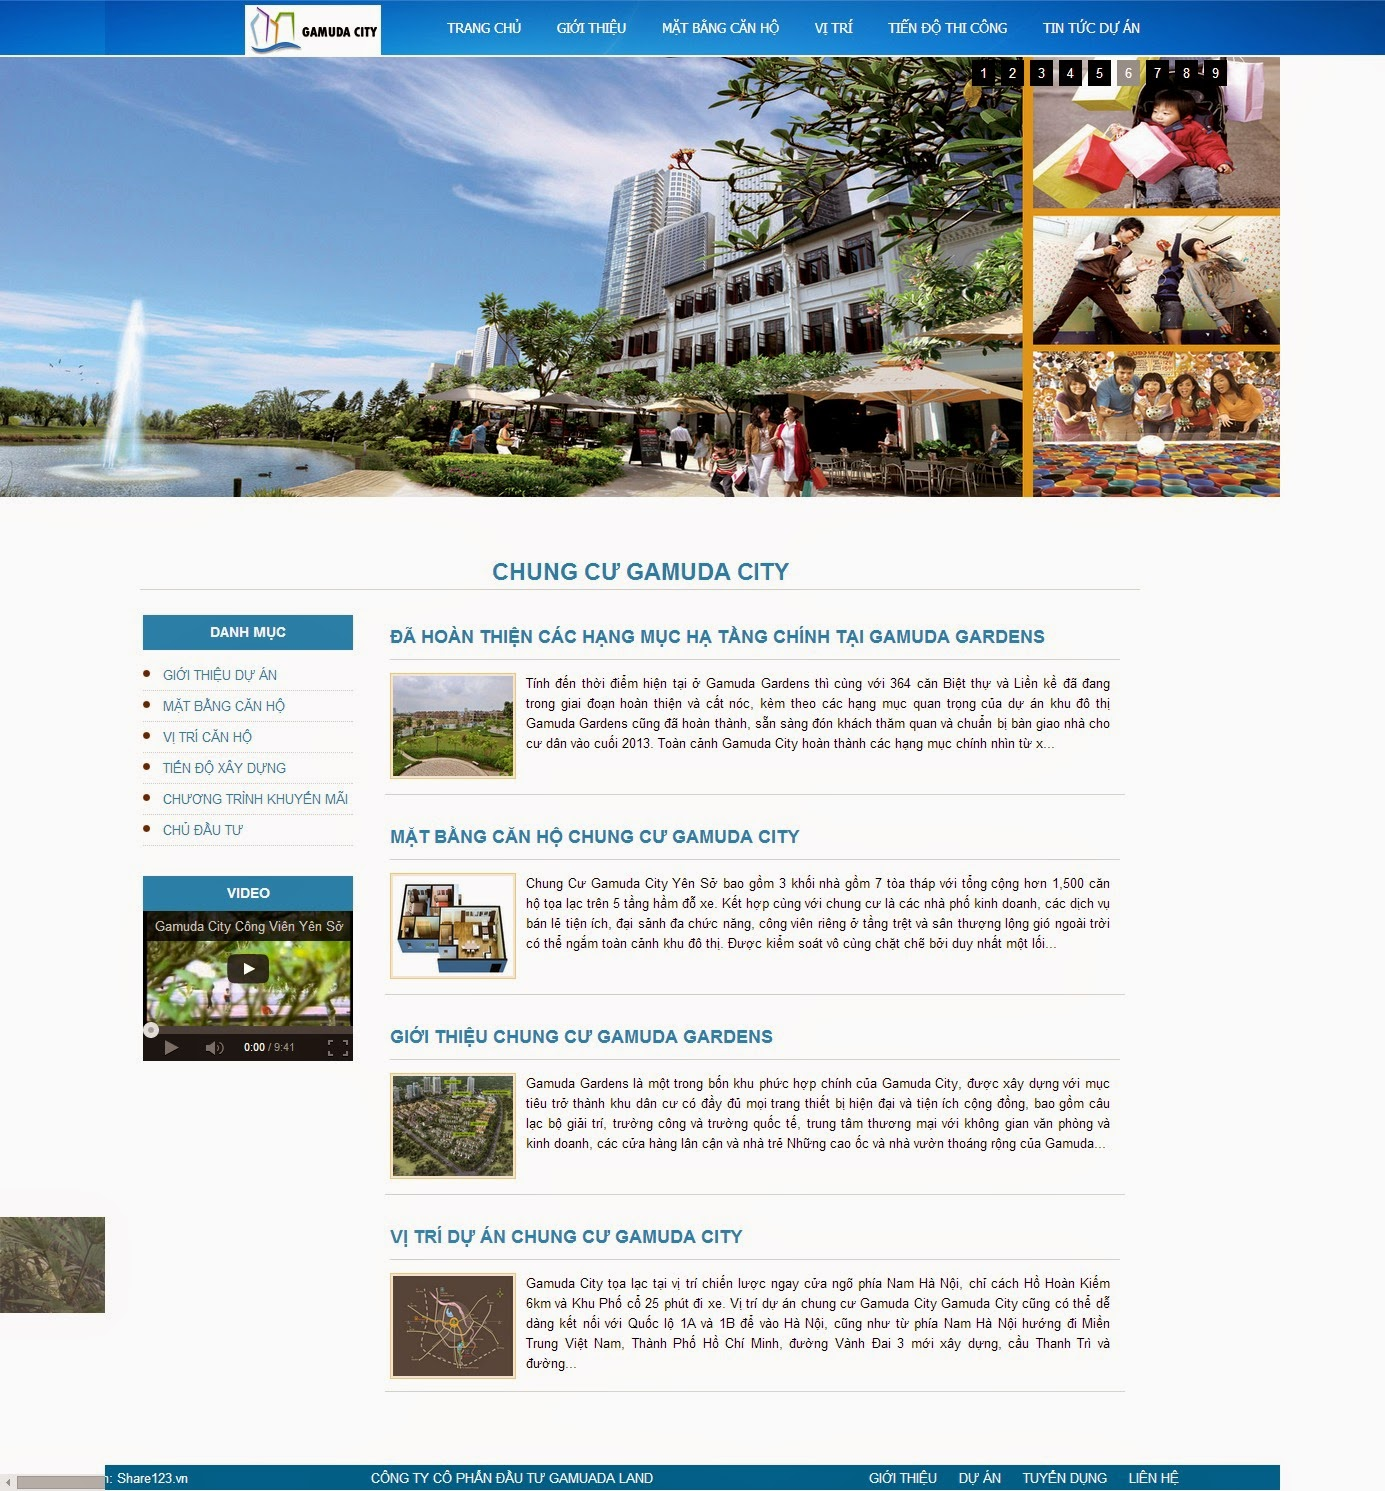 Gamuda city - Mẫu template blogspot bất động sản đẹp